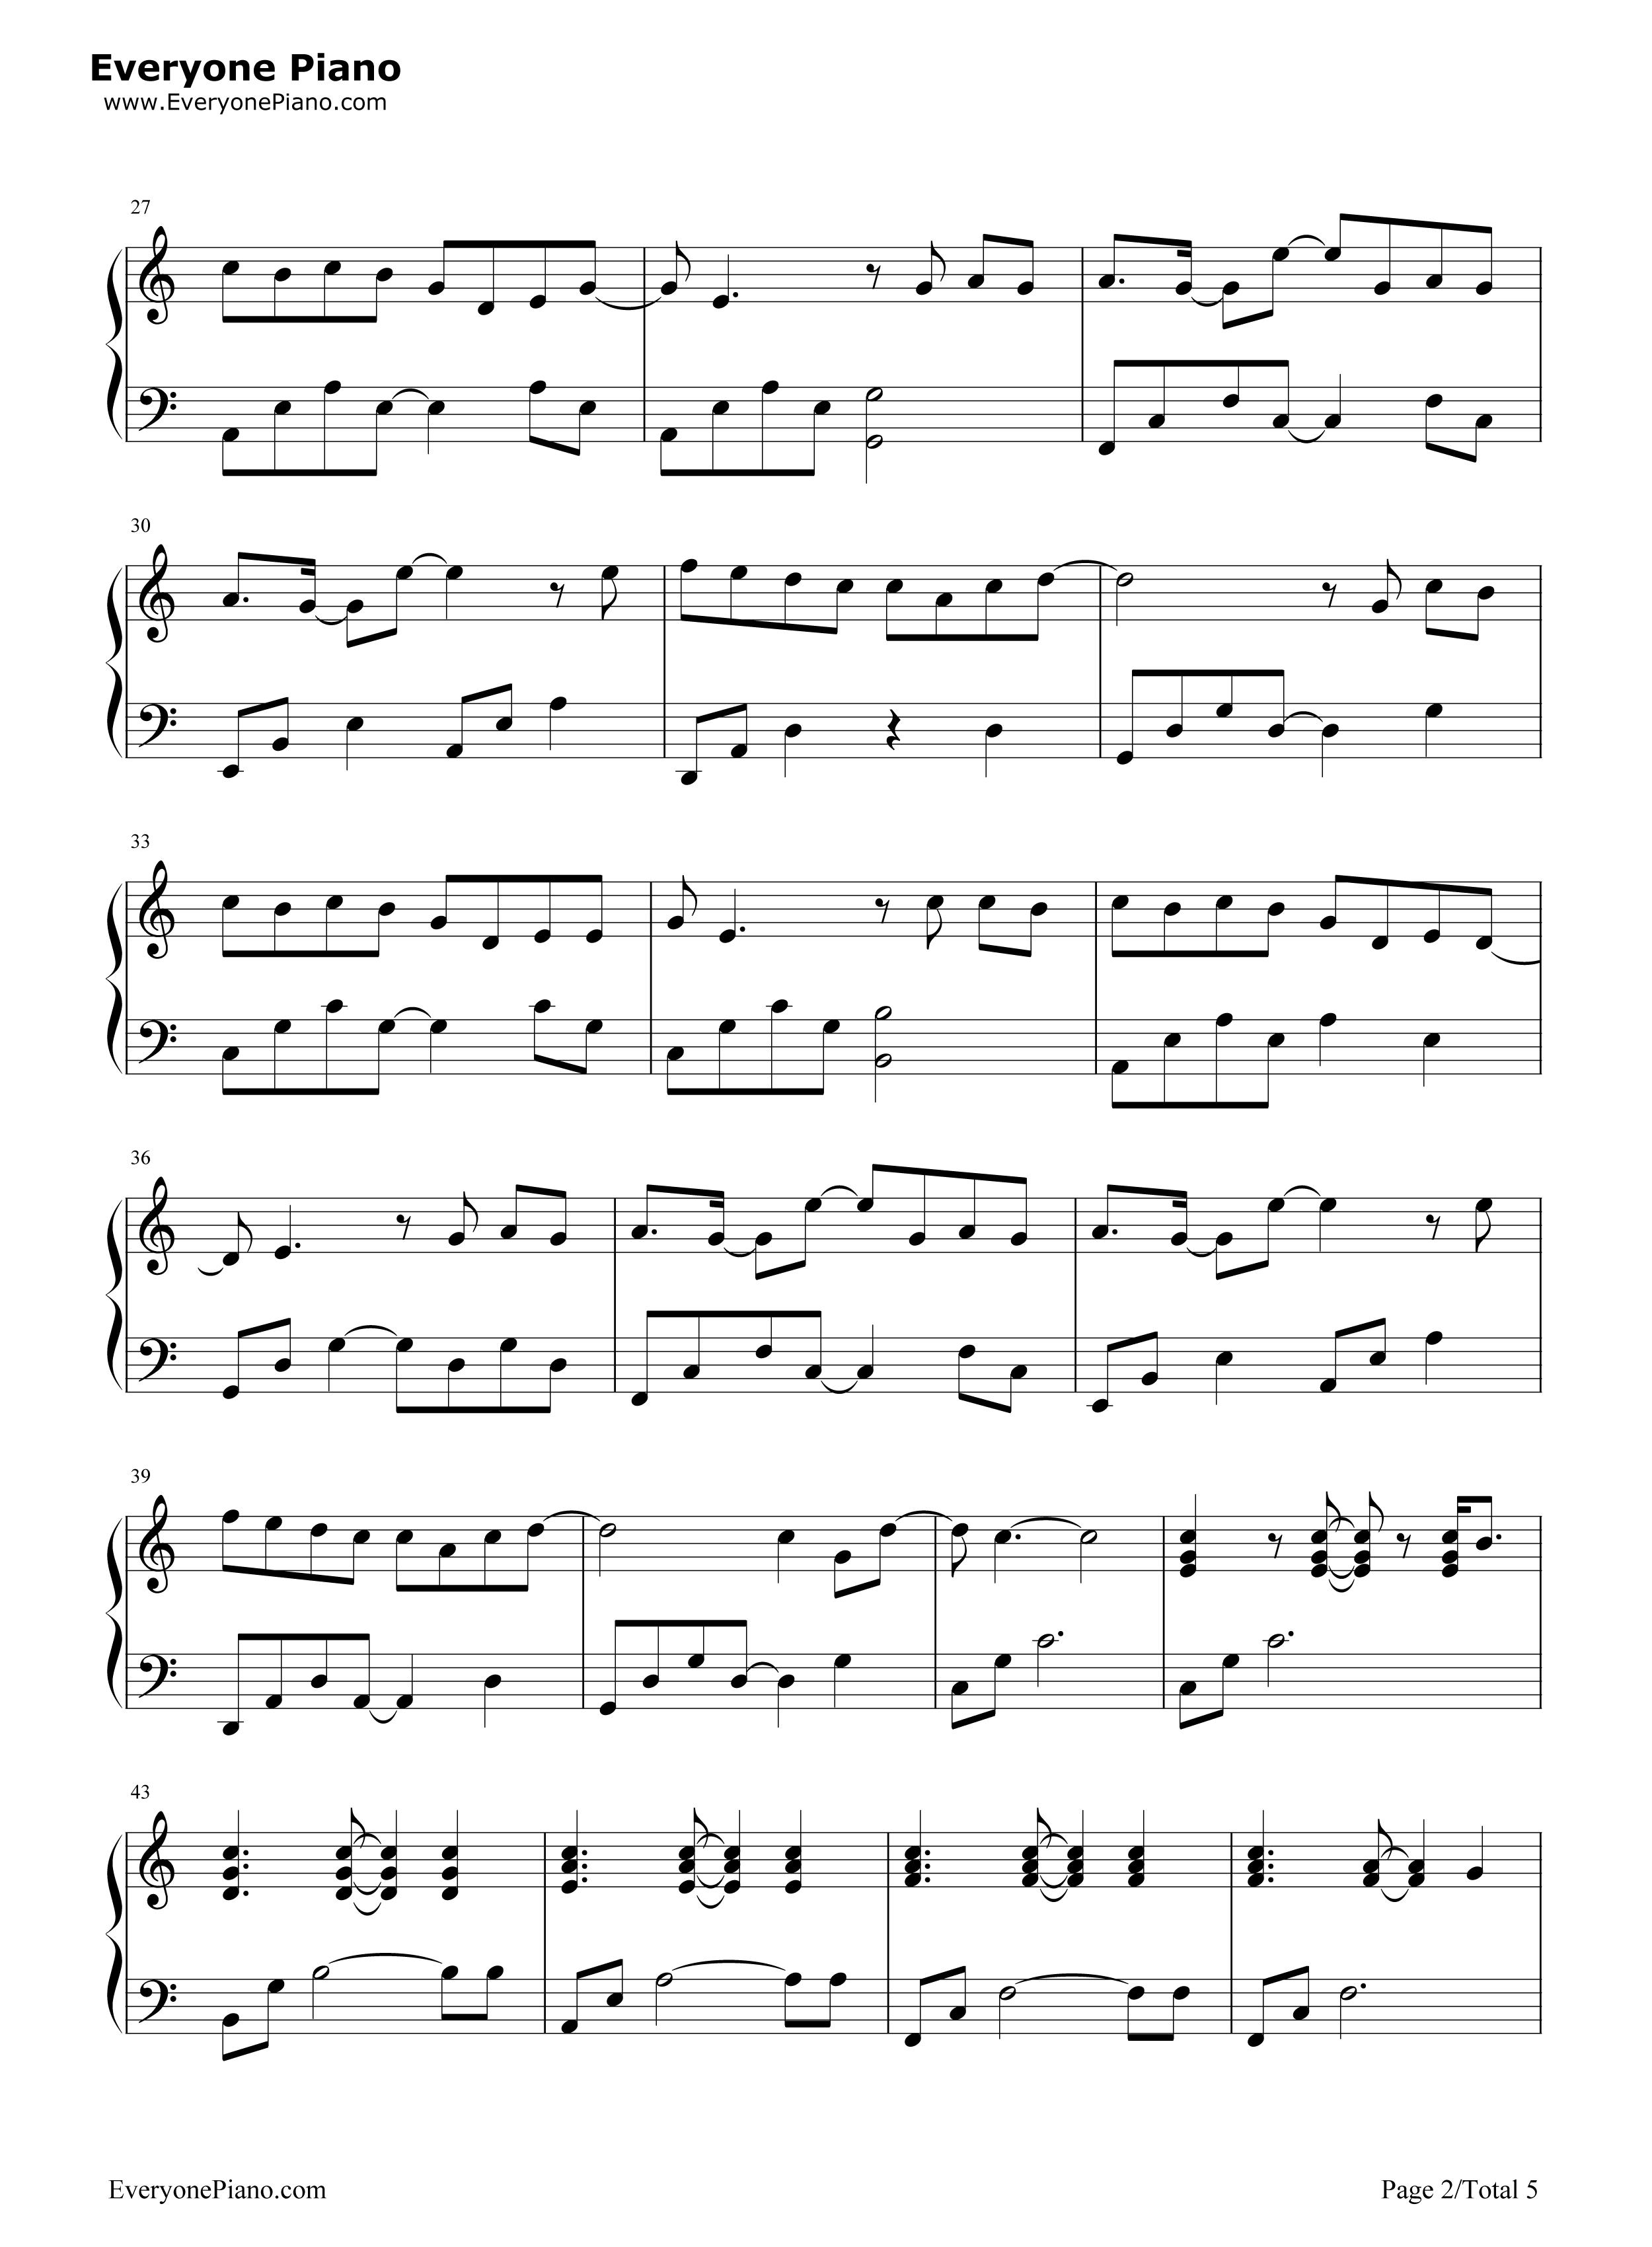 等我回家-薛之谦五线谱预览2-钢琴谱(五线谱,双手简谱